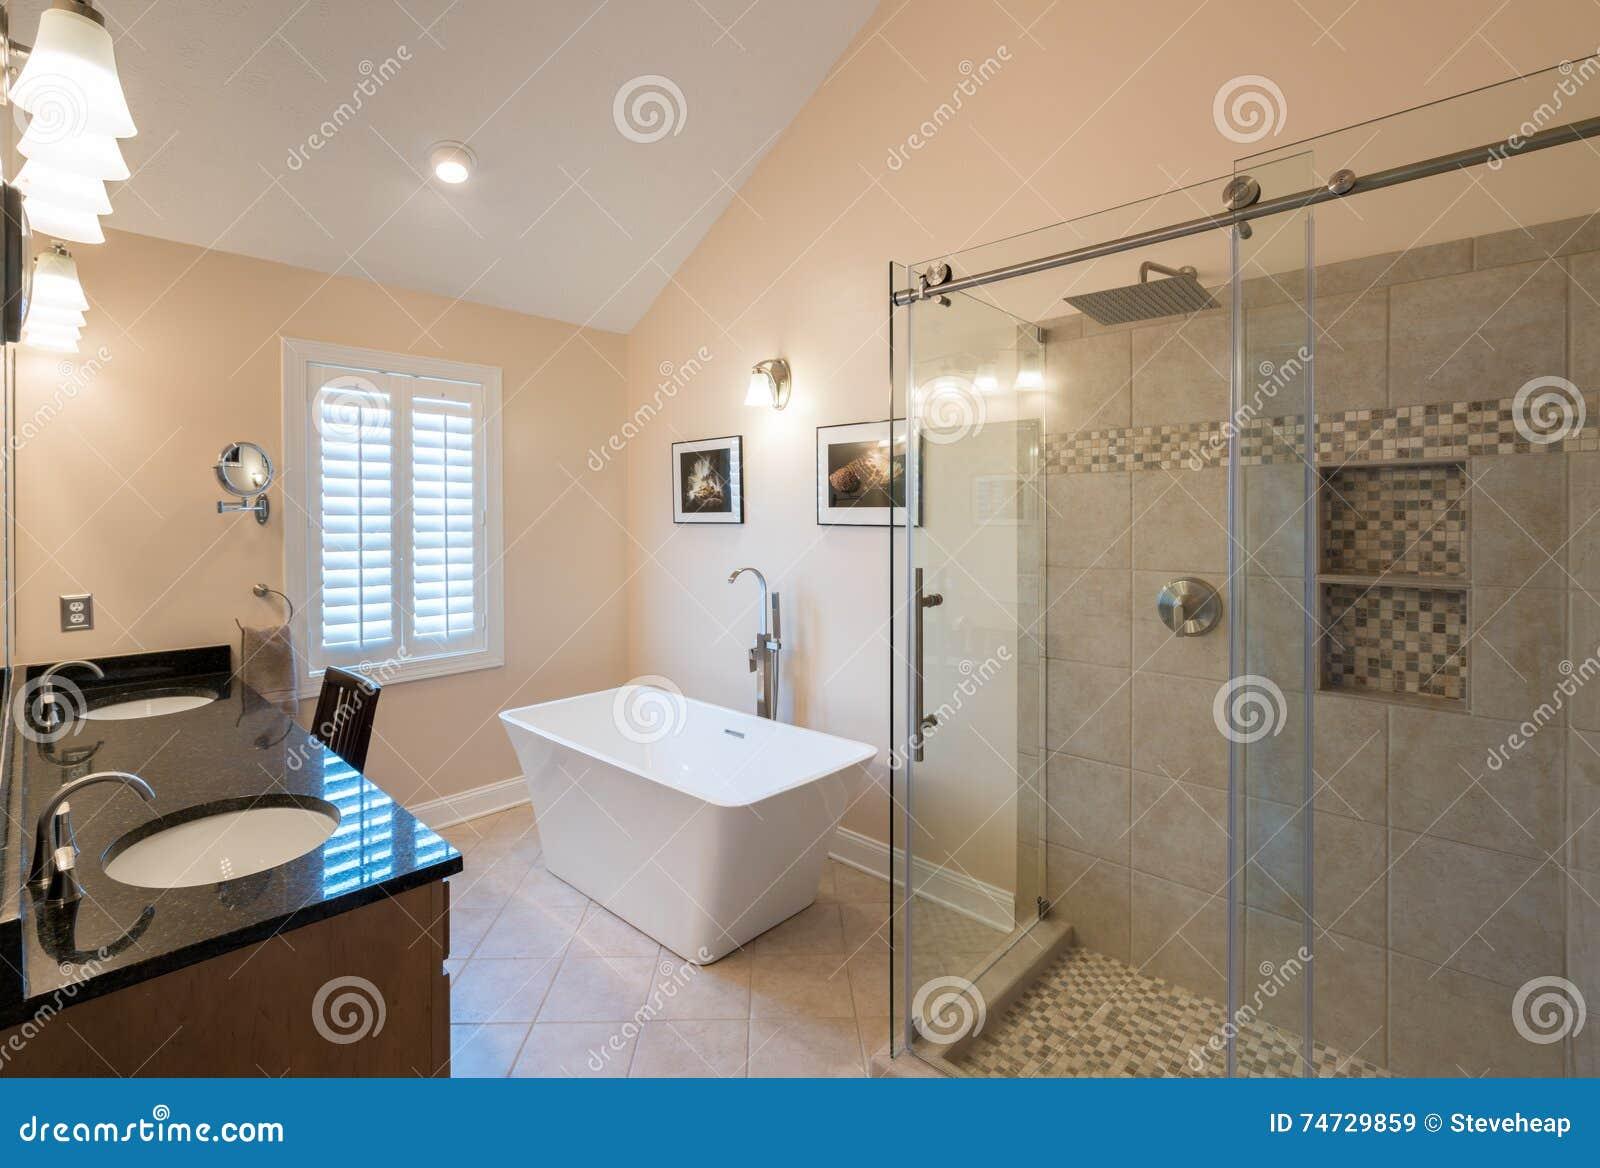 Banheiro Moderno Com Cuba Autônoma E Vaidade Foto de Stock Imagem  #82A328 1300 966